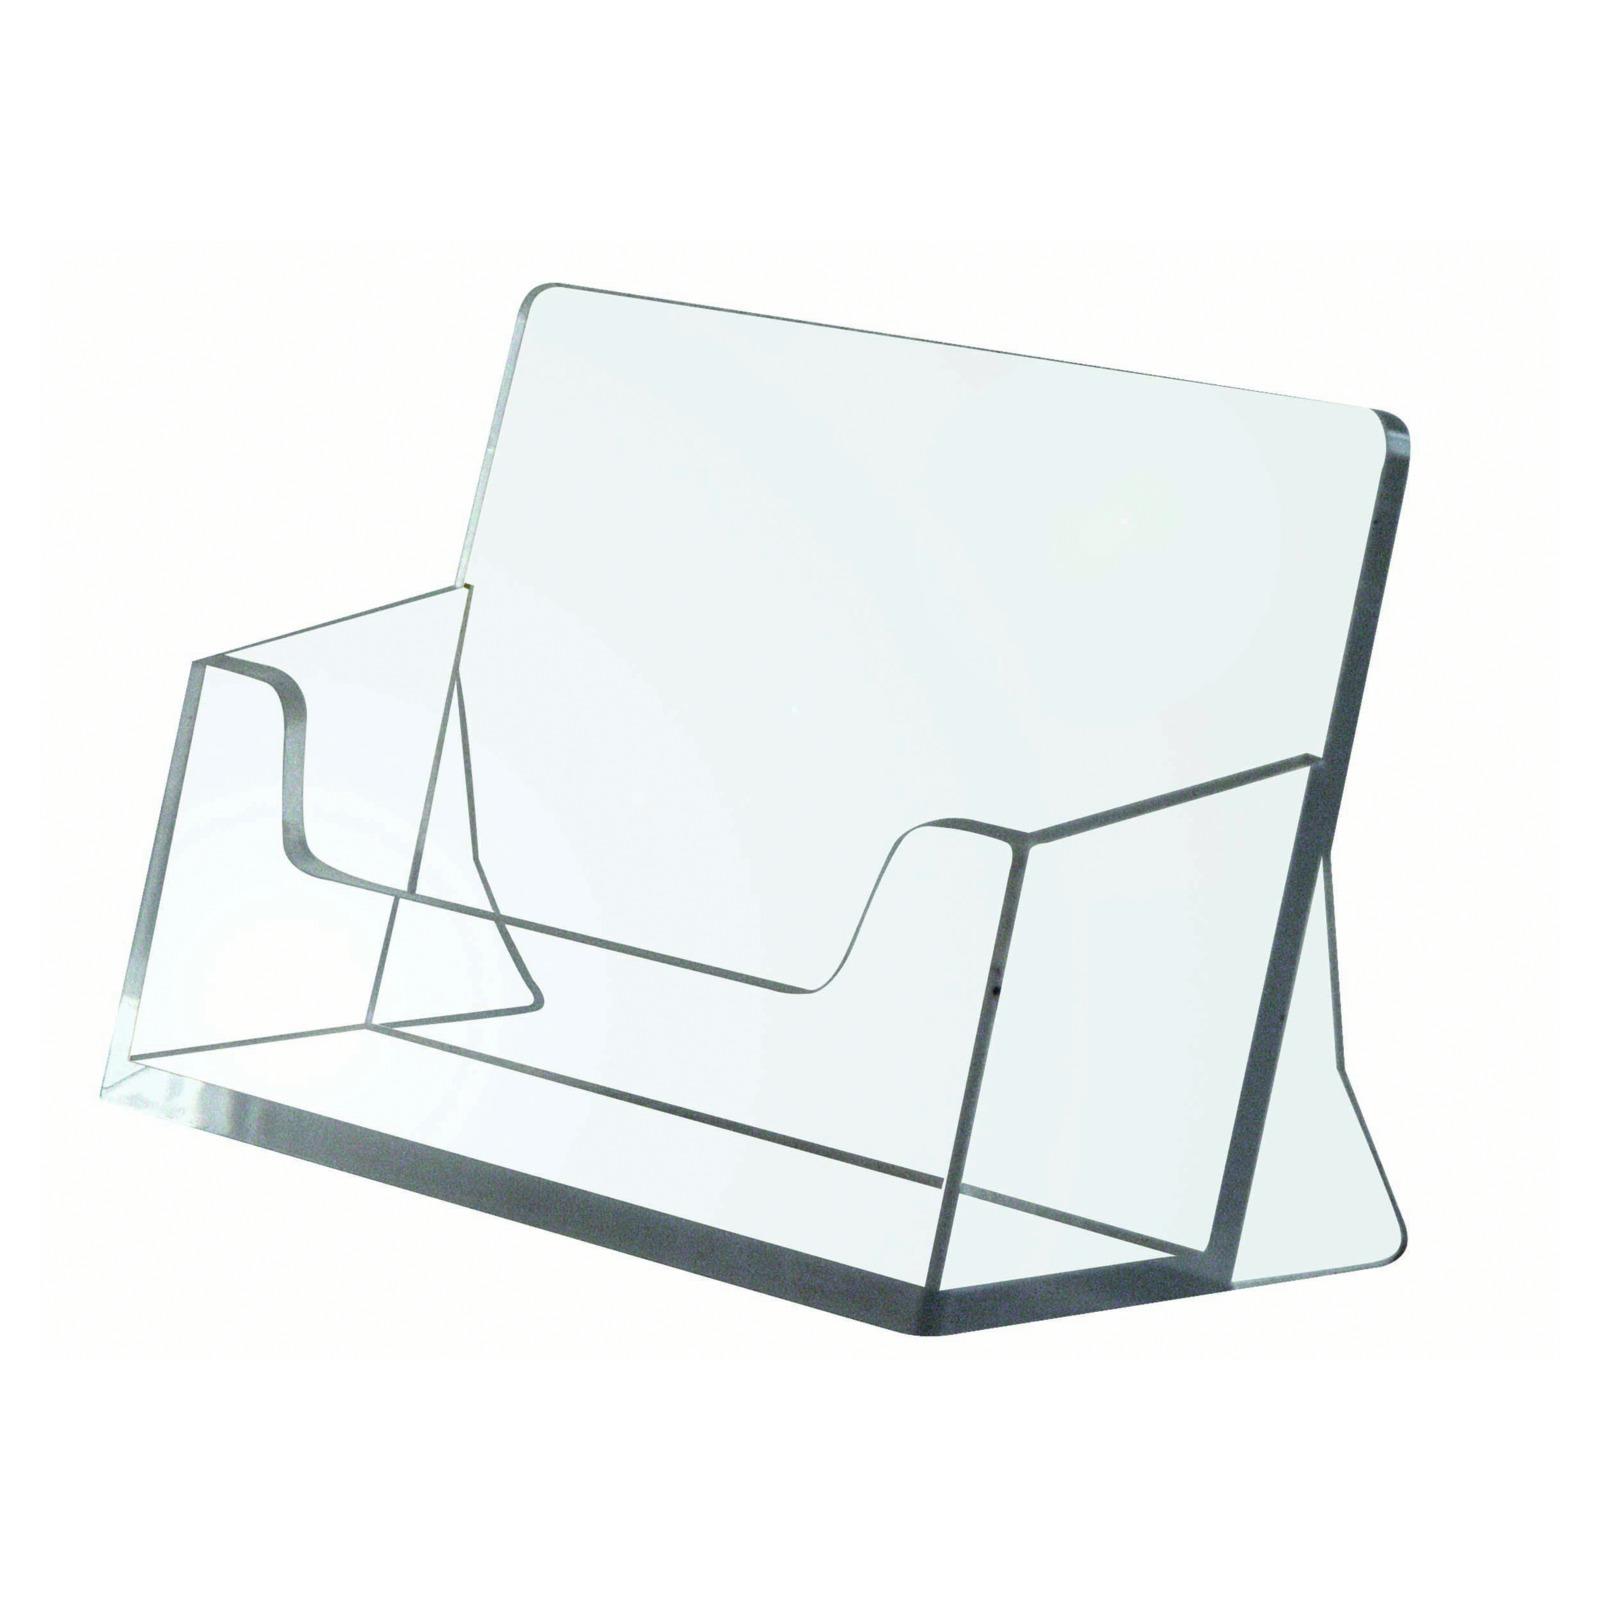 Tisch Visitenkartenhalter Einfach